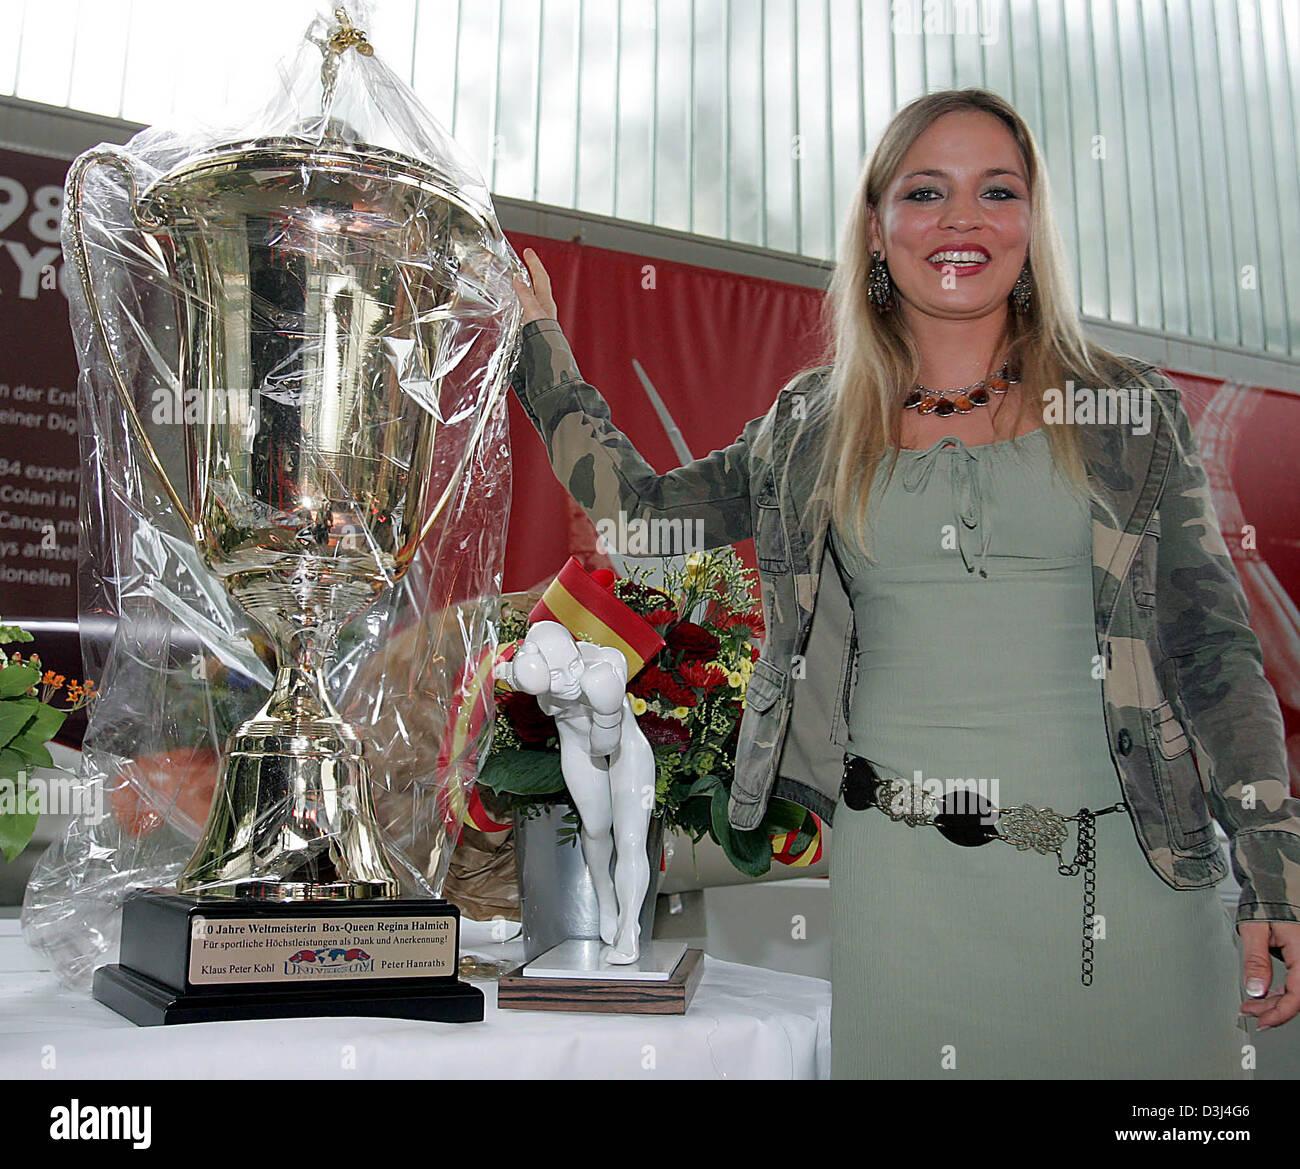 (Dpa) - El alemán campeón del mundo de boxeo femenino Regina Halmich fotografiada con un overdimensional Imagen De Stock